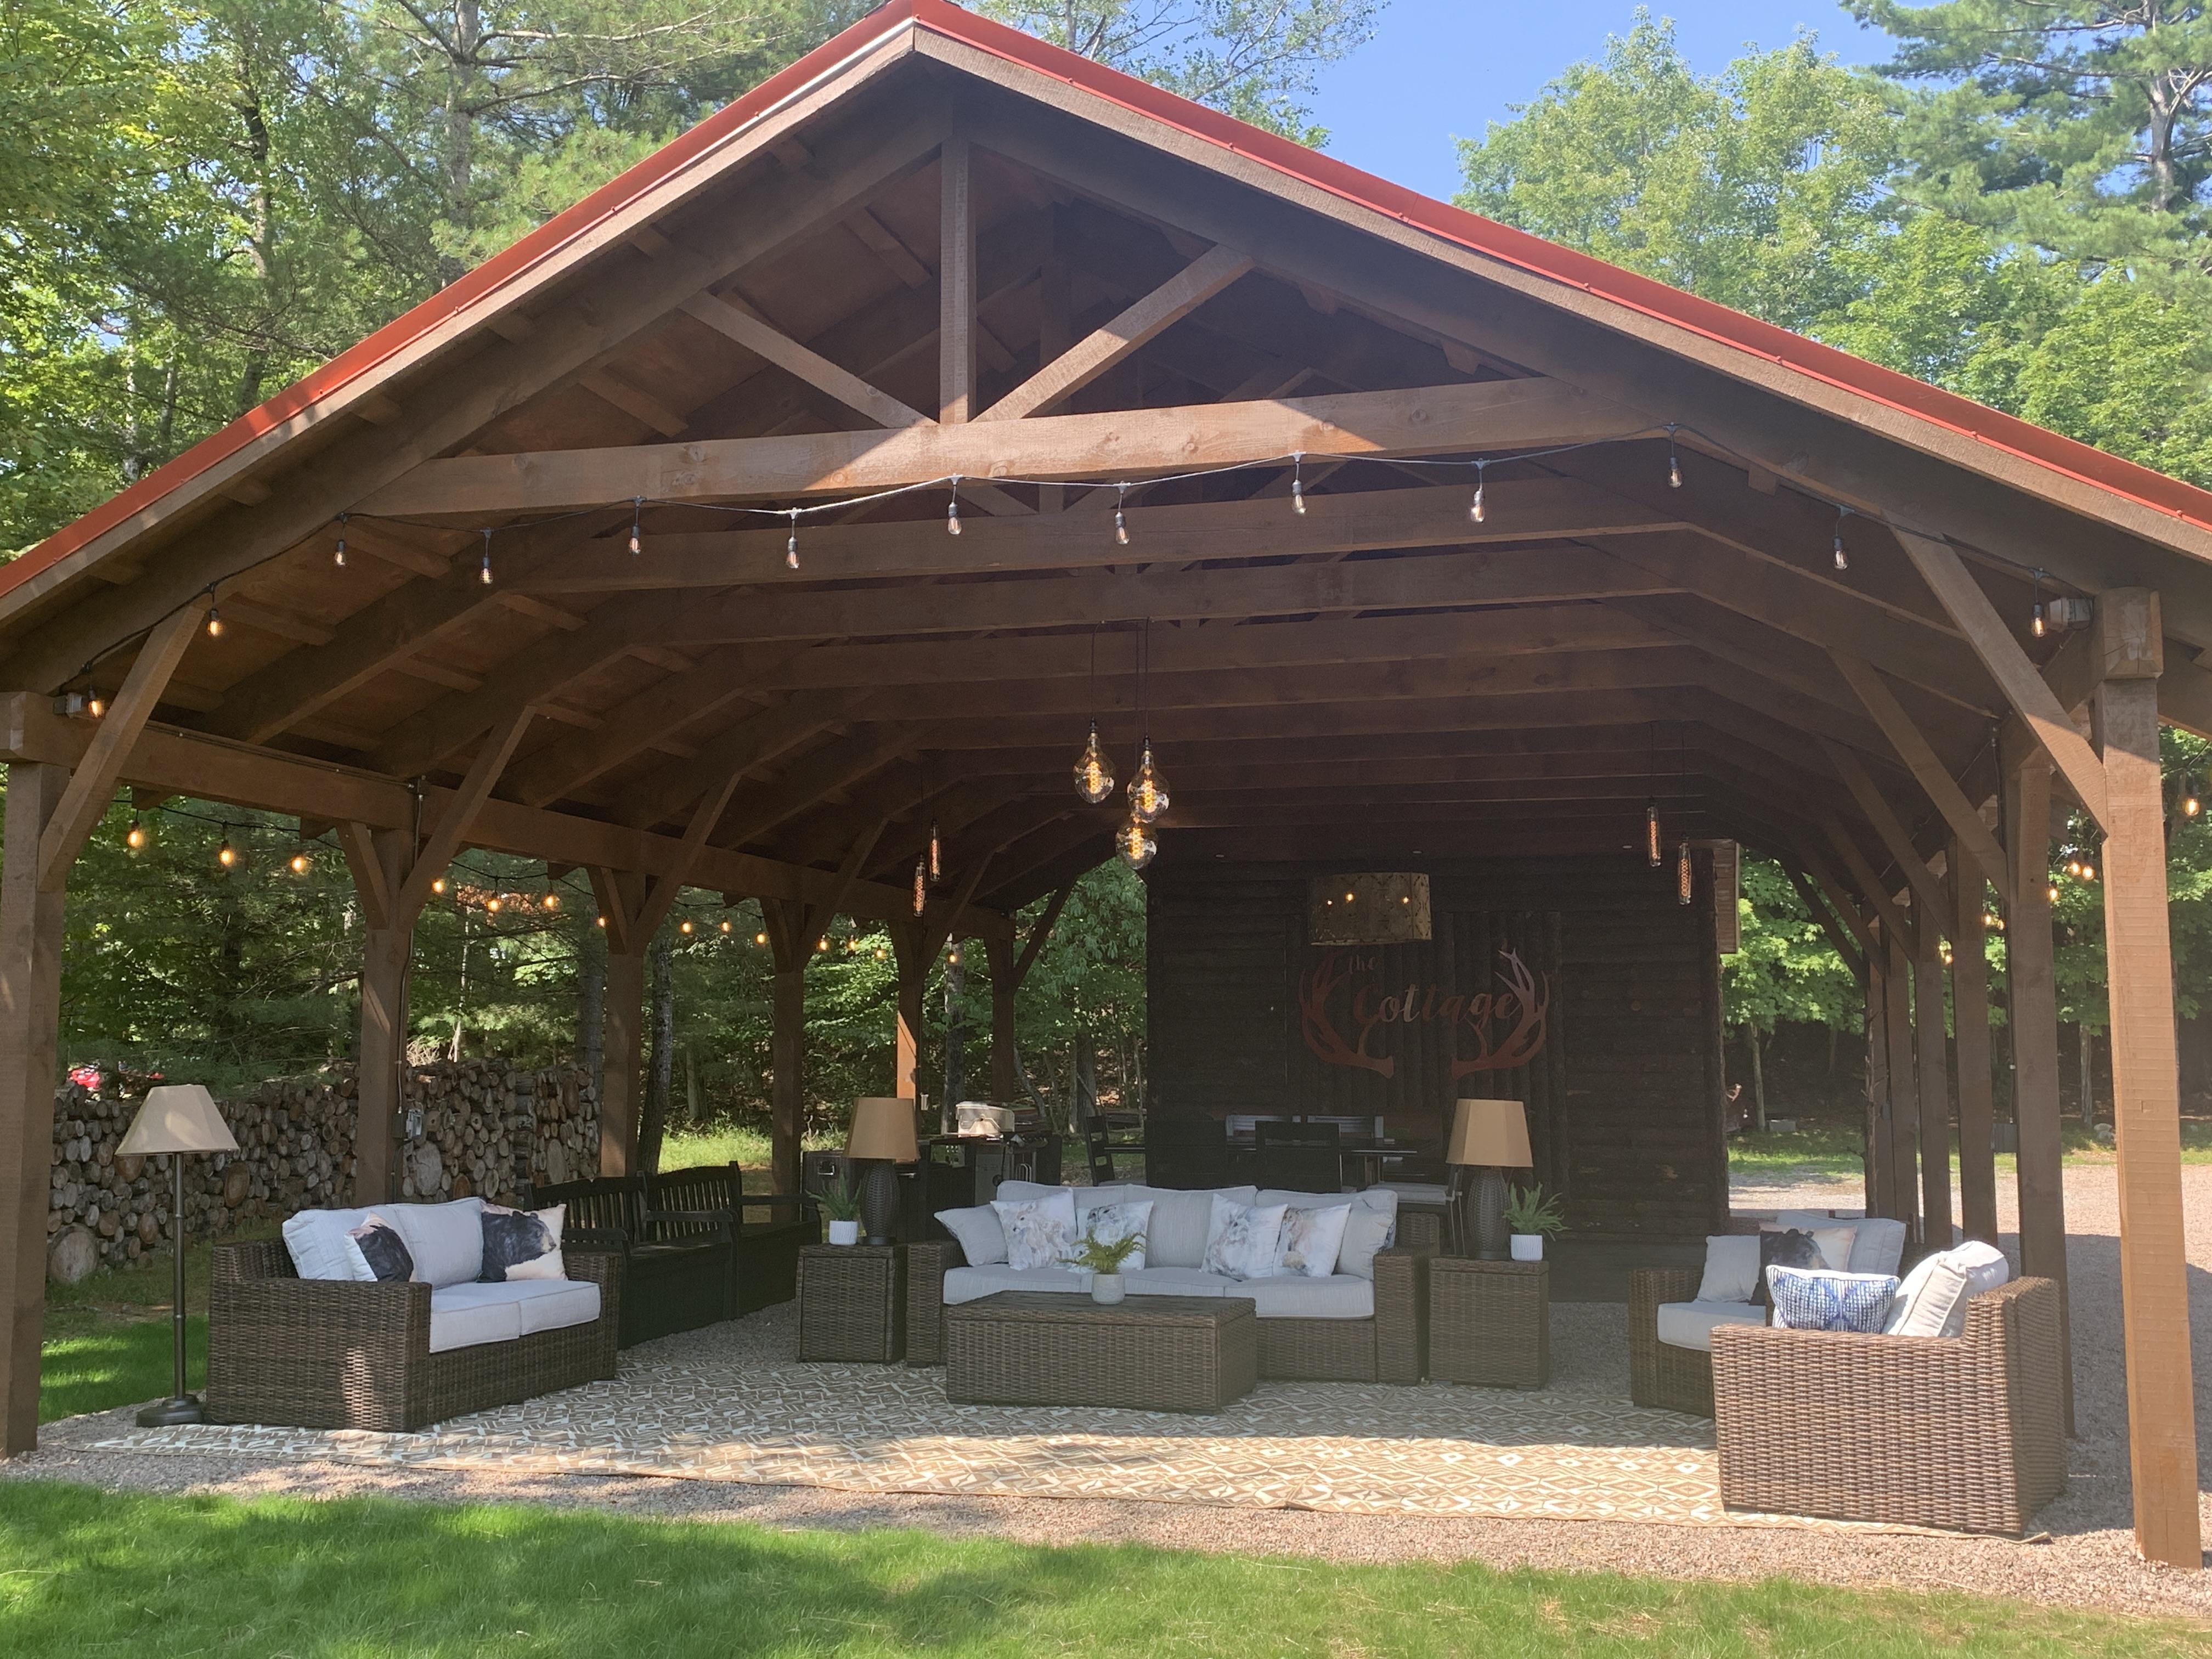 The Cottage Pavilion